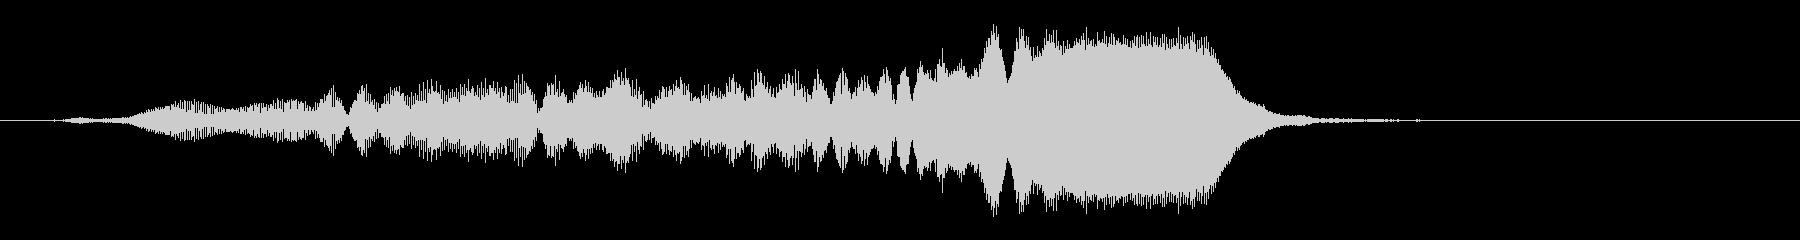 パンフルートの速い上昇 グリッサンドの未再生の波形